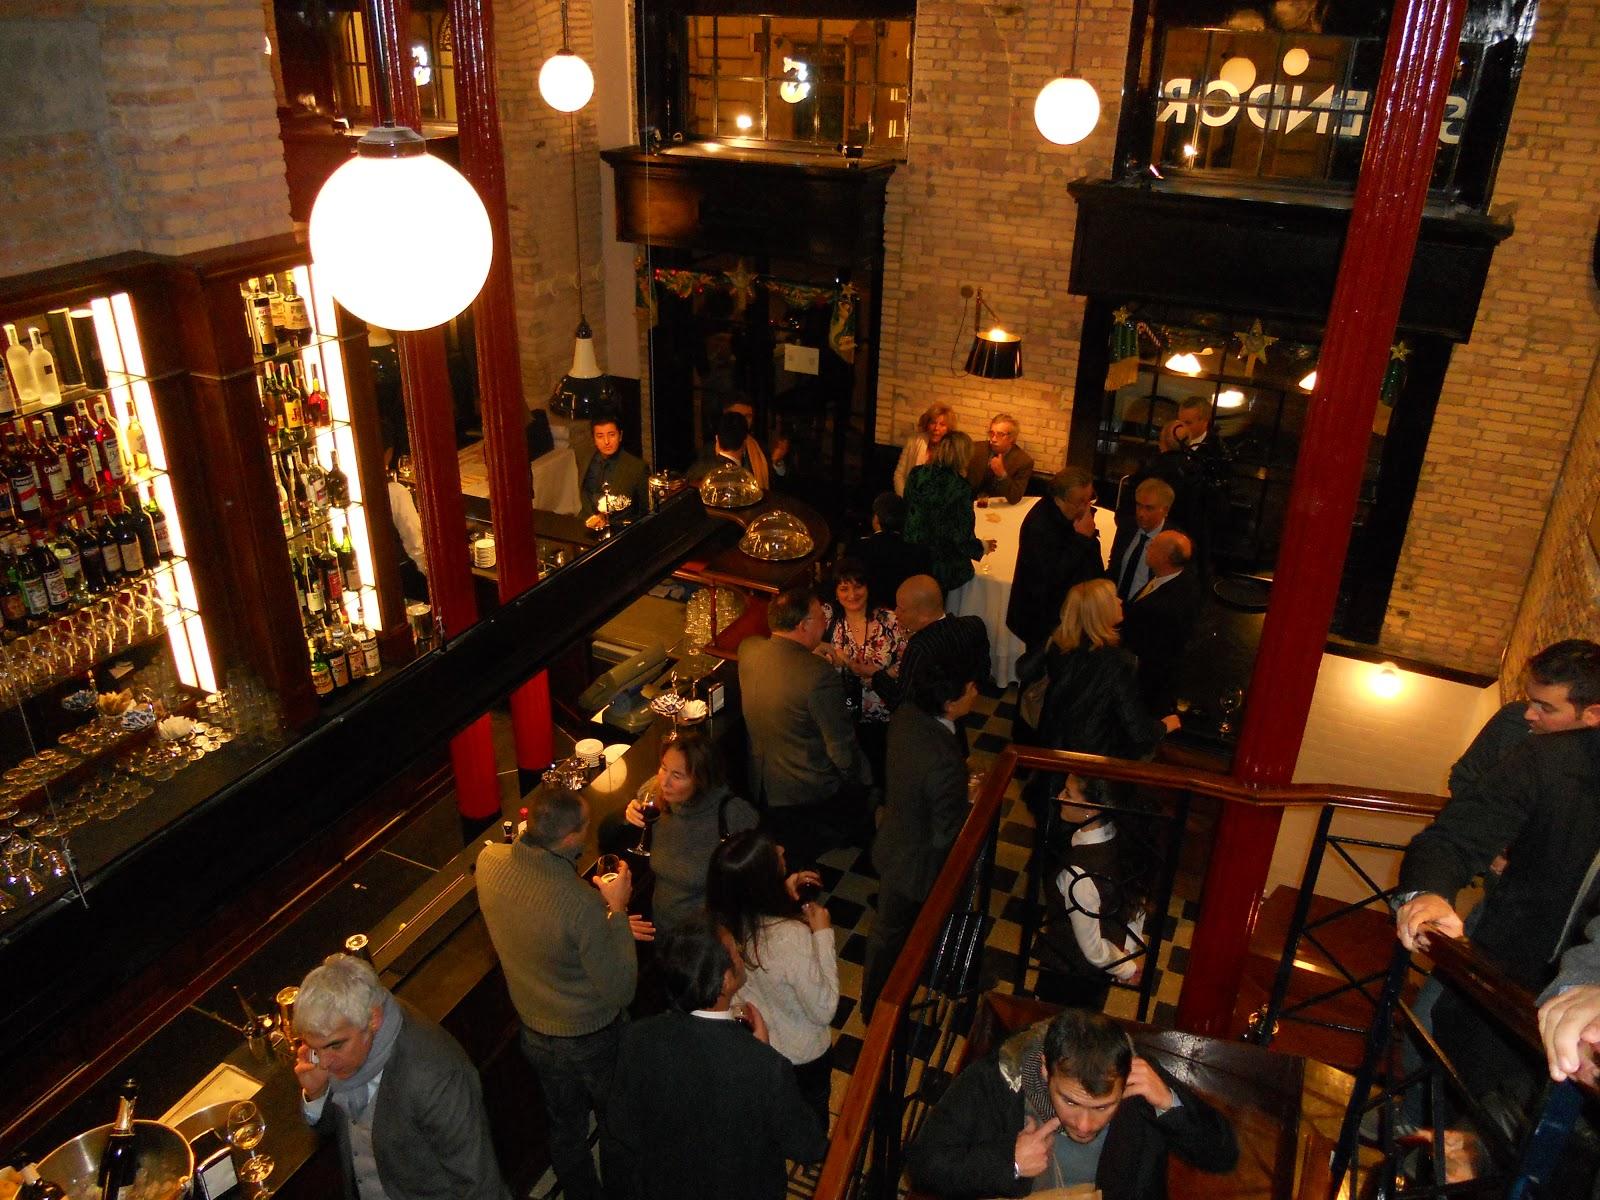 bd1da2a2964c Inaugurazione per oltre seicento ospiti per l apertura del nuovo locale in  Via Vittoria Colonna Splendor Parthenopes tipicamente napoletano un luogo  ...